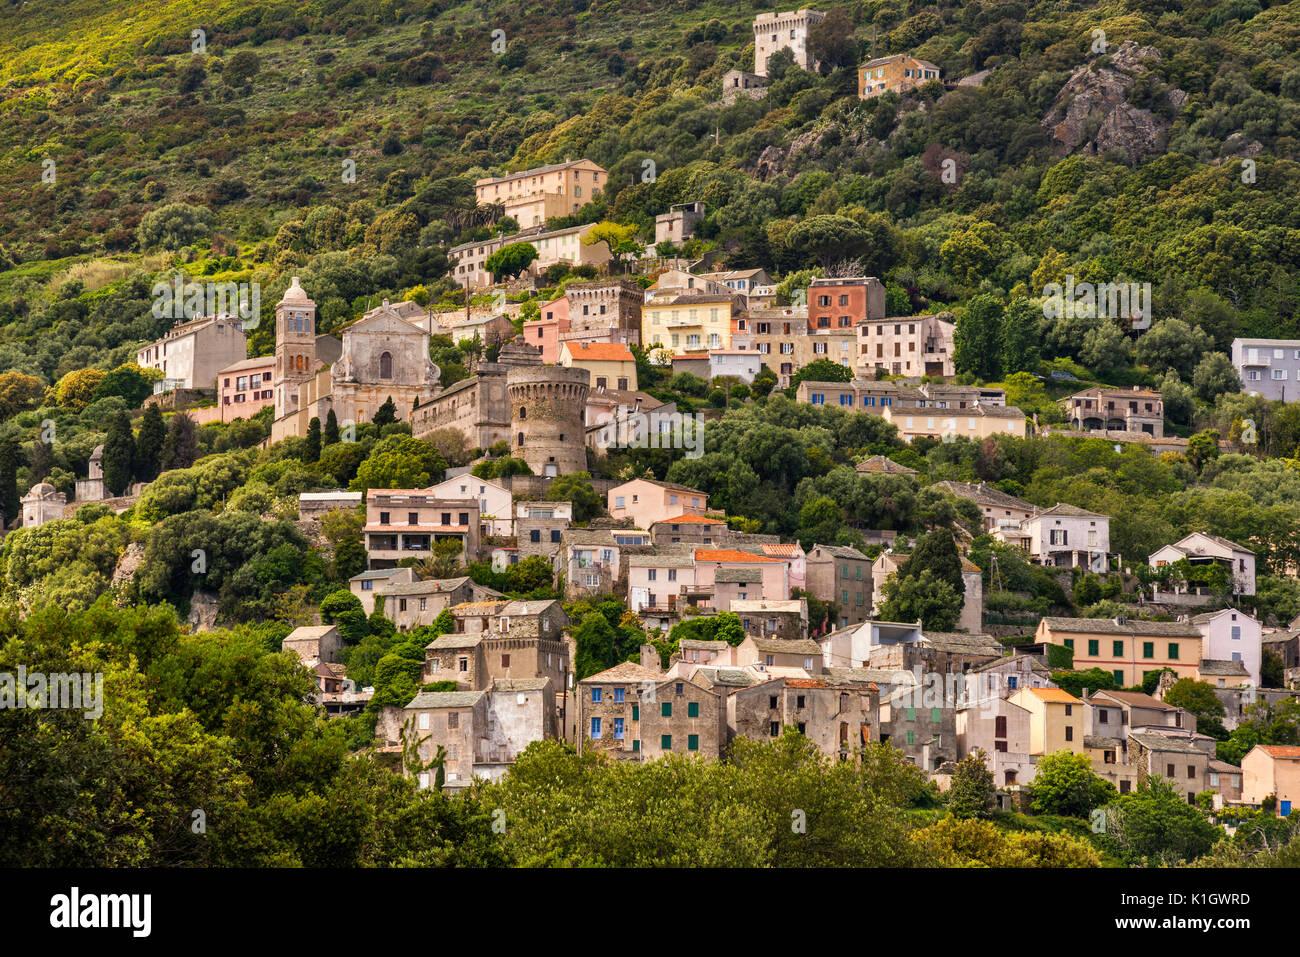 Città sulla collina di Bettolacce, nel comune di Rogliano, Cap Corse, Corsica, Francia Immagini Stock